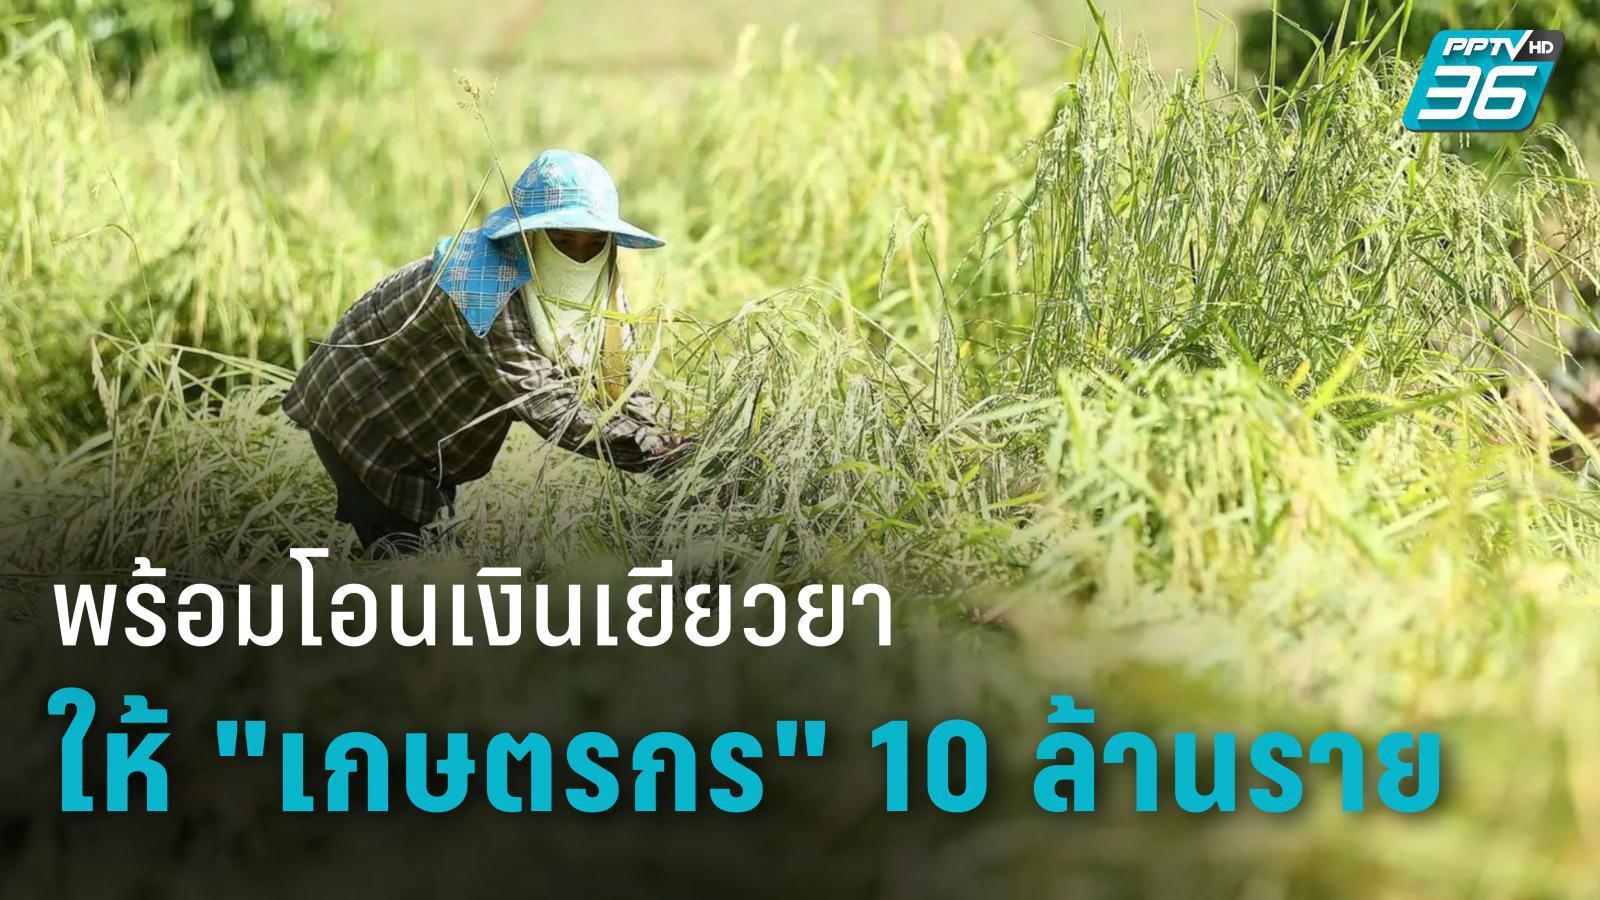 """ธ.ก.ส. พร้อมโอนเงินเยียวยาให้ """"เกษตรกร"""" ที่ขึ้นทะเบียน 10 ล้านราย"""